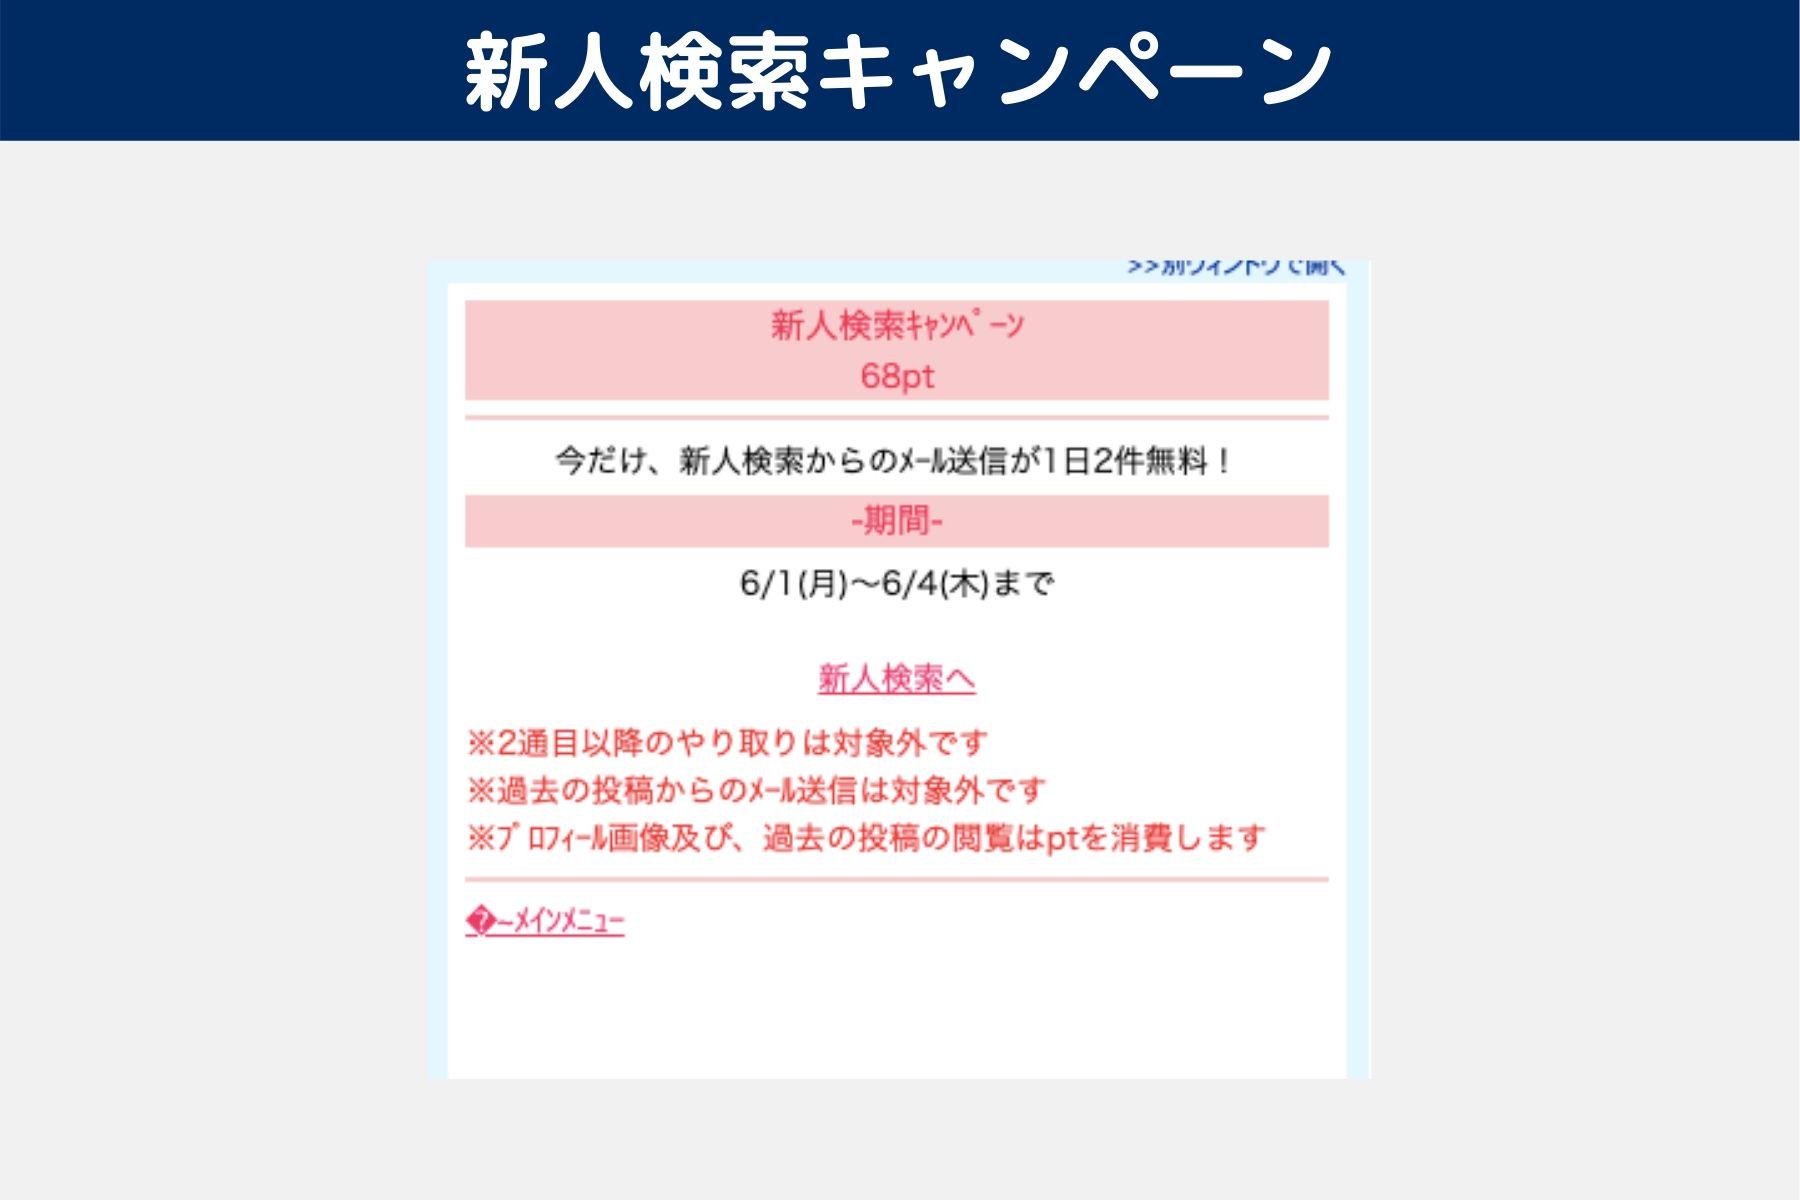 新人検索キャンペーン